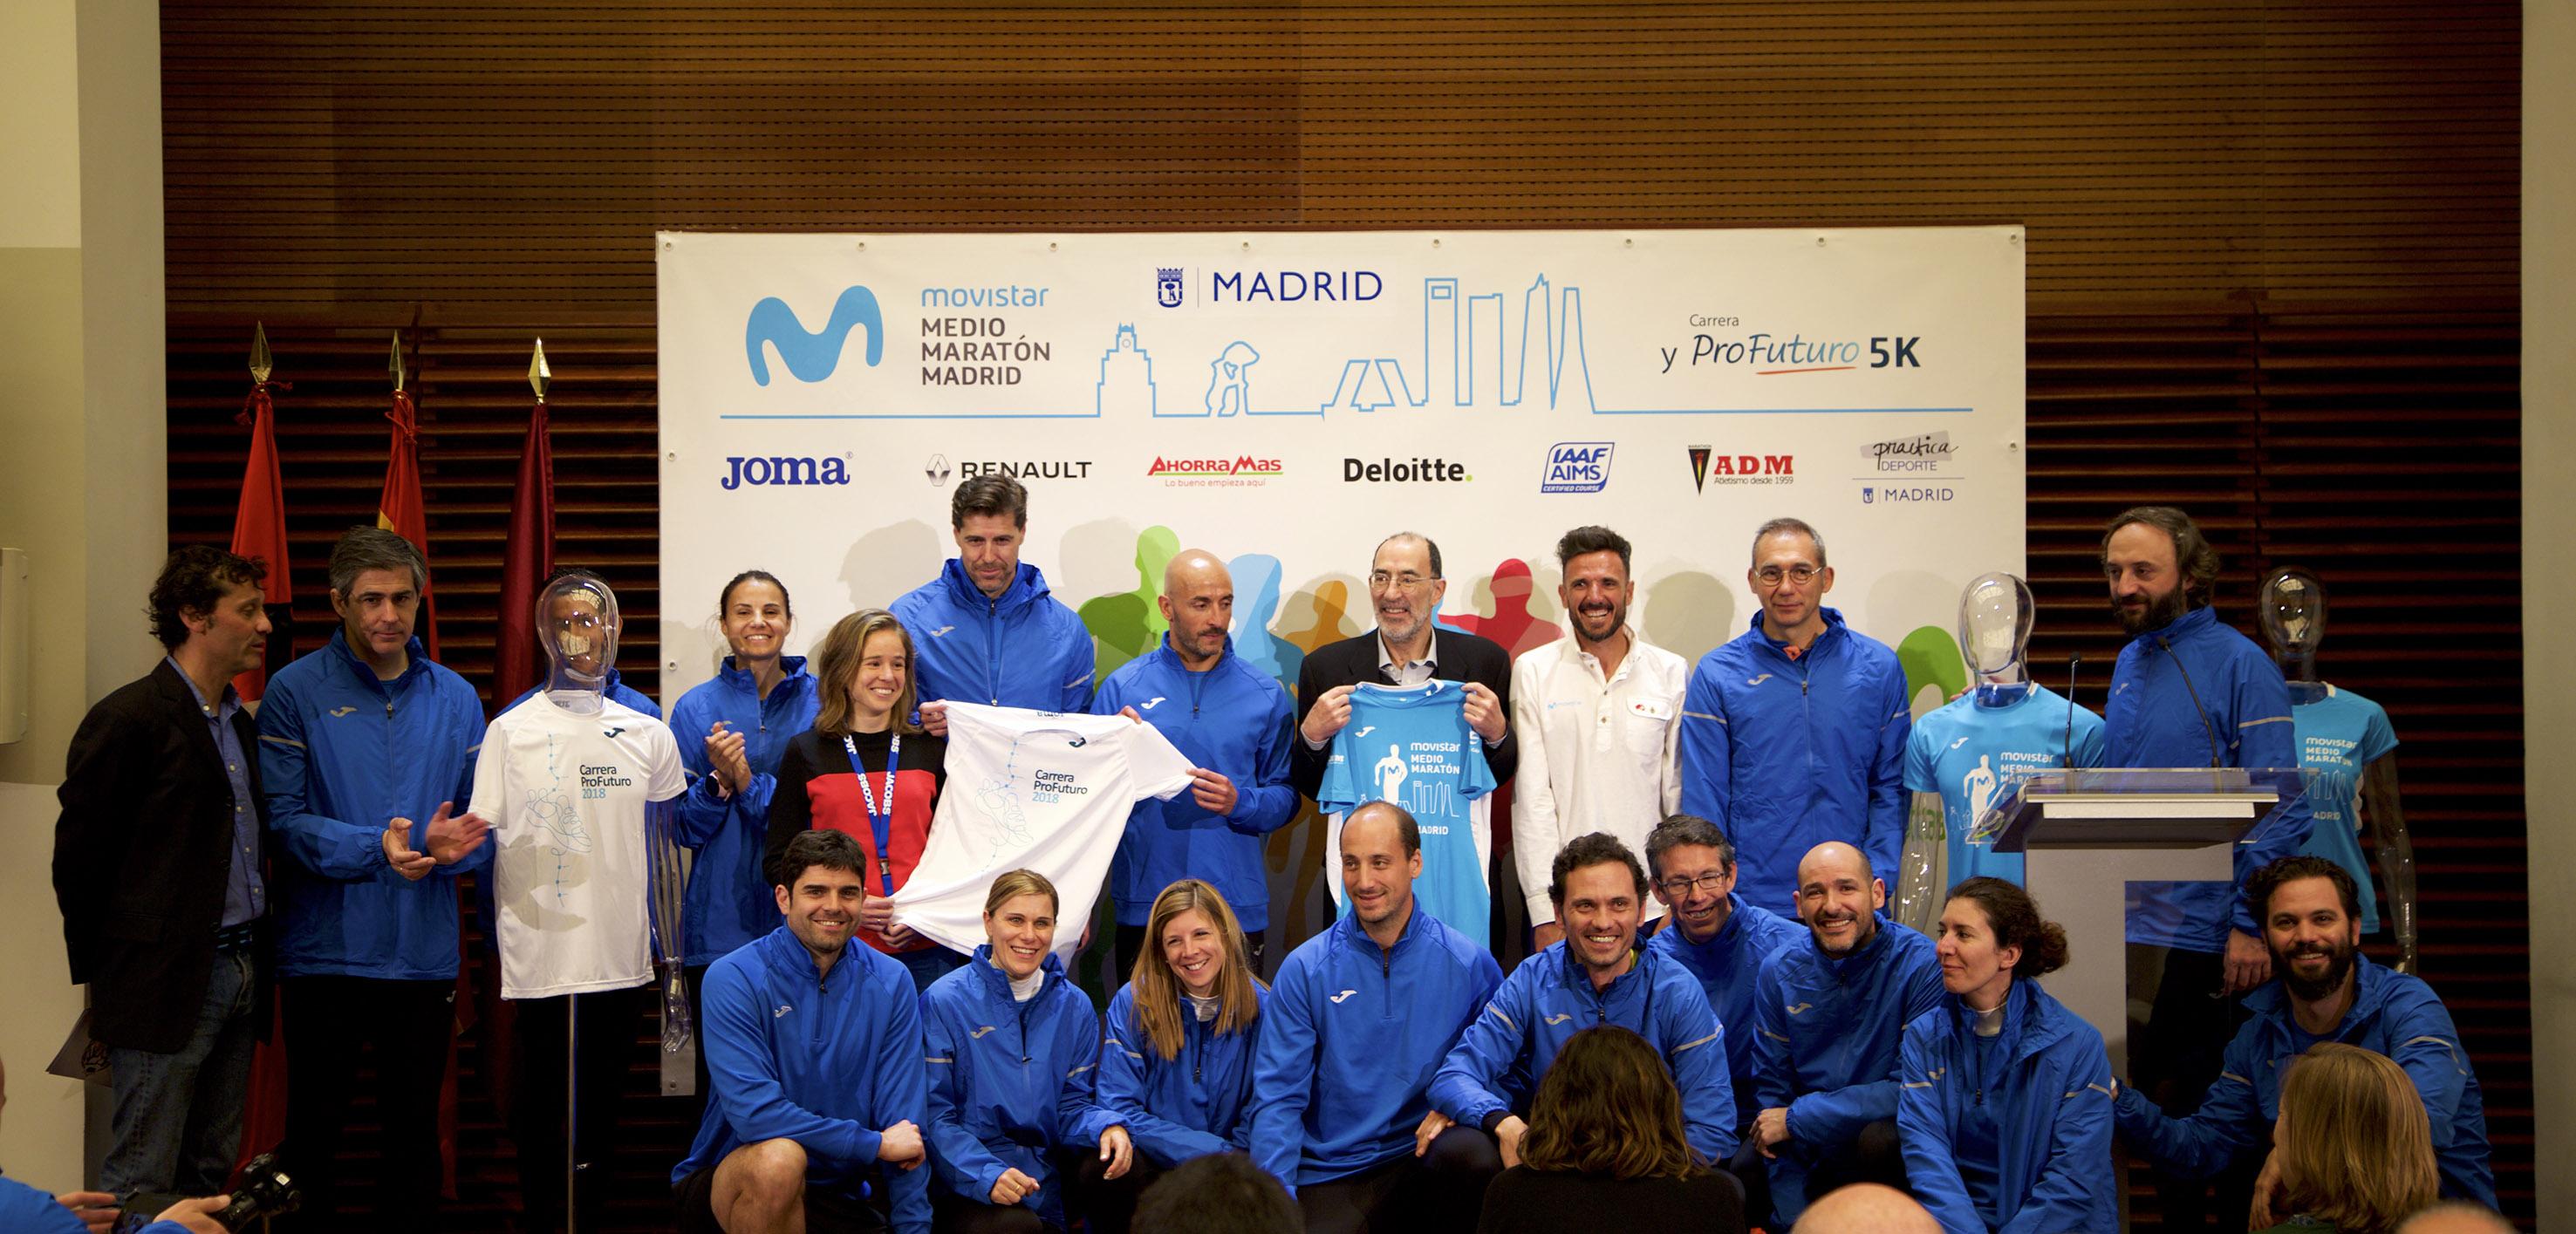 Presentadas las camisetas del Movistar Medio Maratón de Madrid